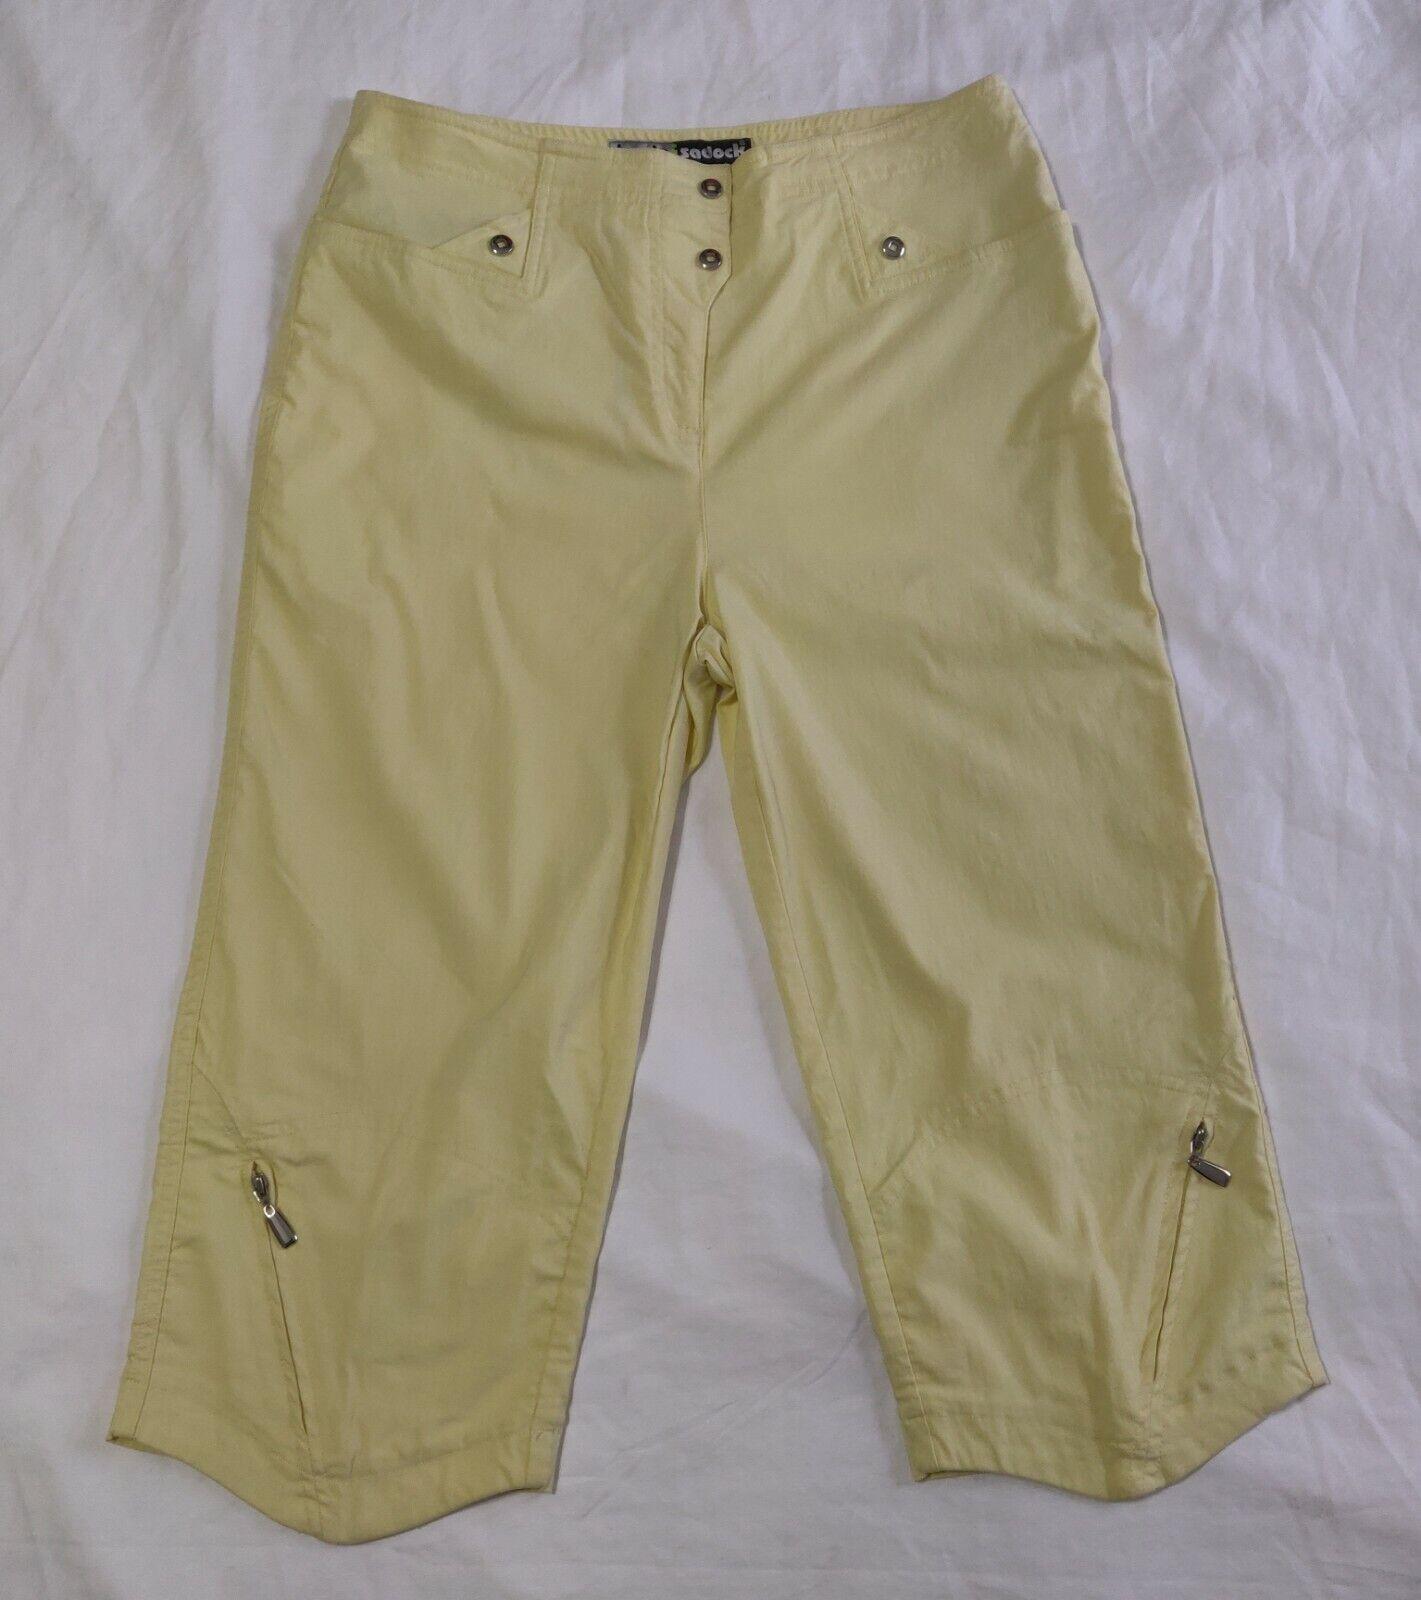 Jamie Sadock Capri Pants Women's 8 (Measured 30.5